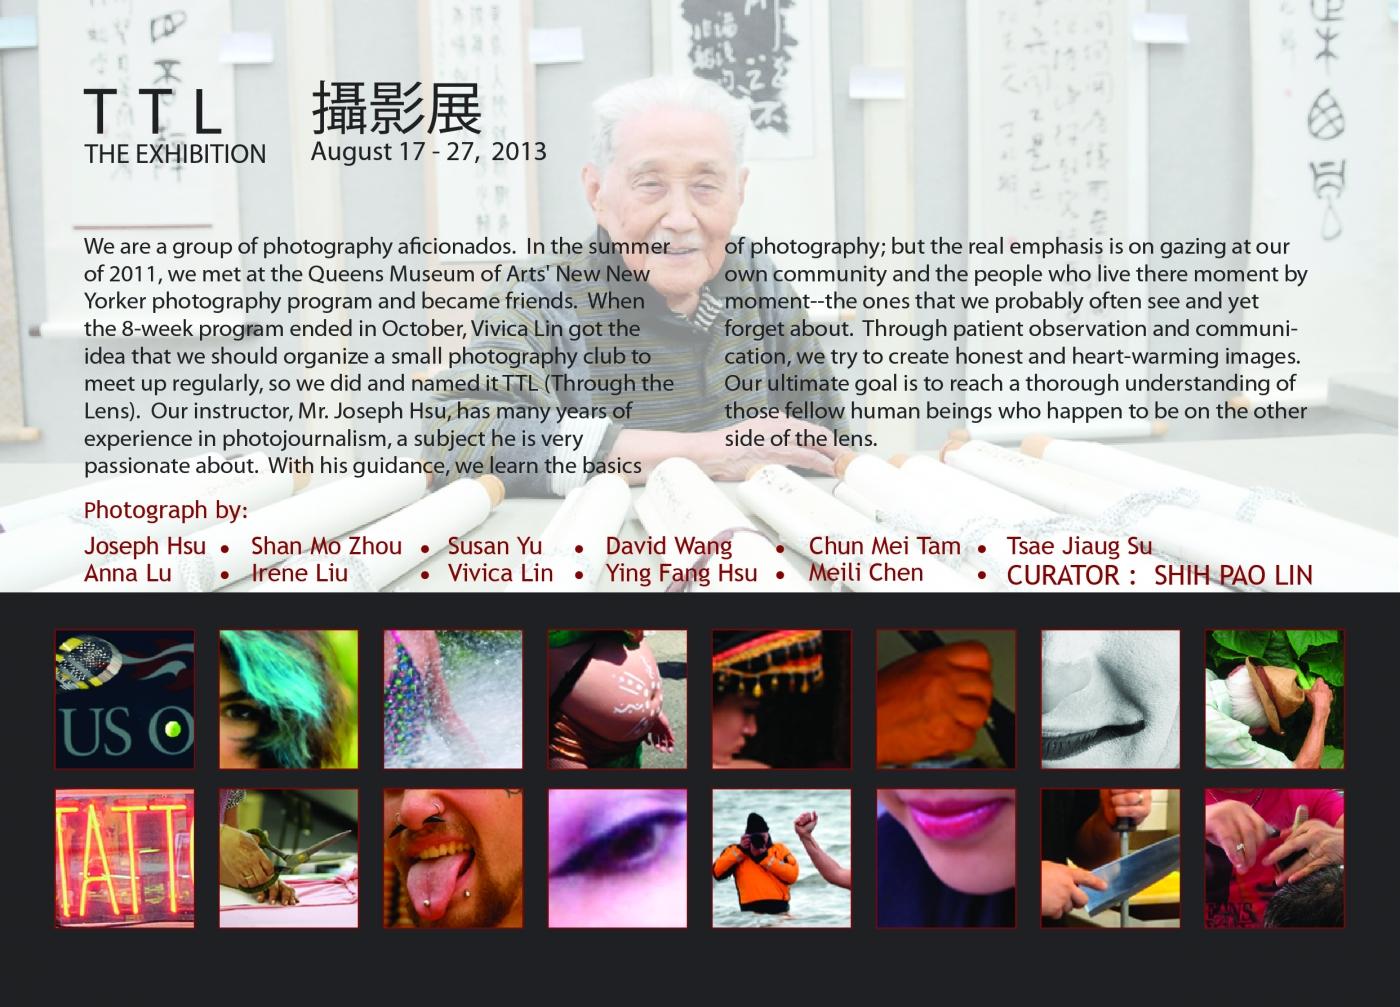 TTL摄影俱乐部照片展_图1-1